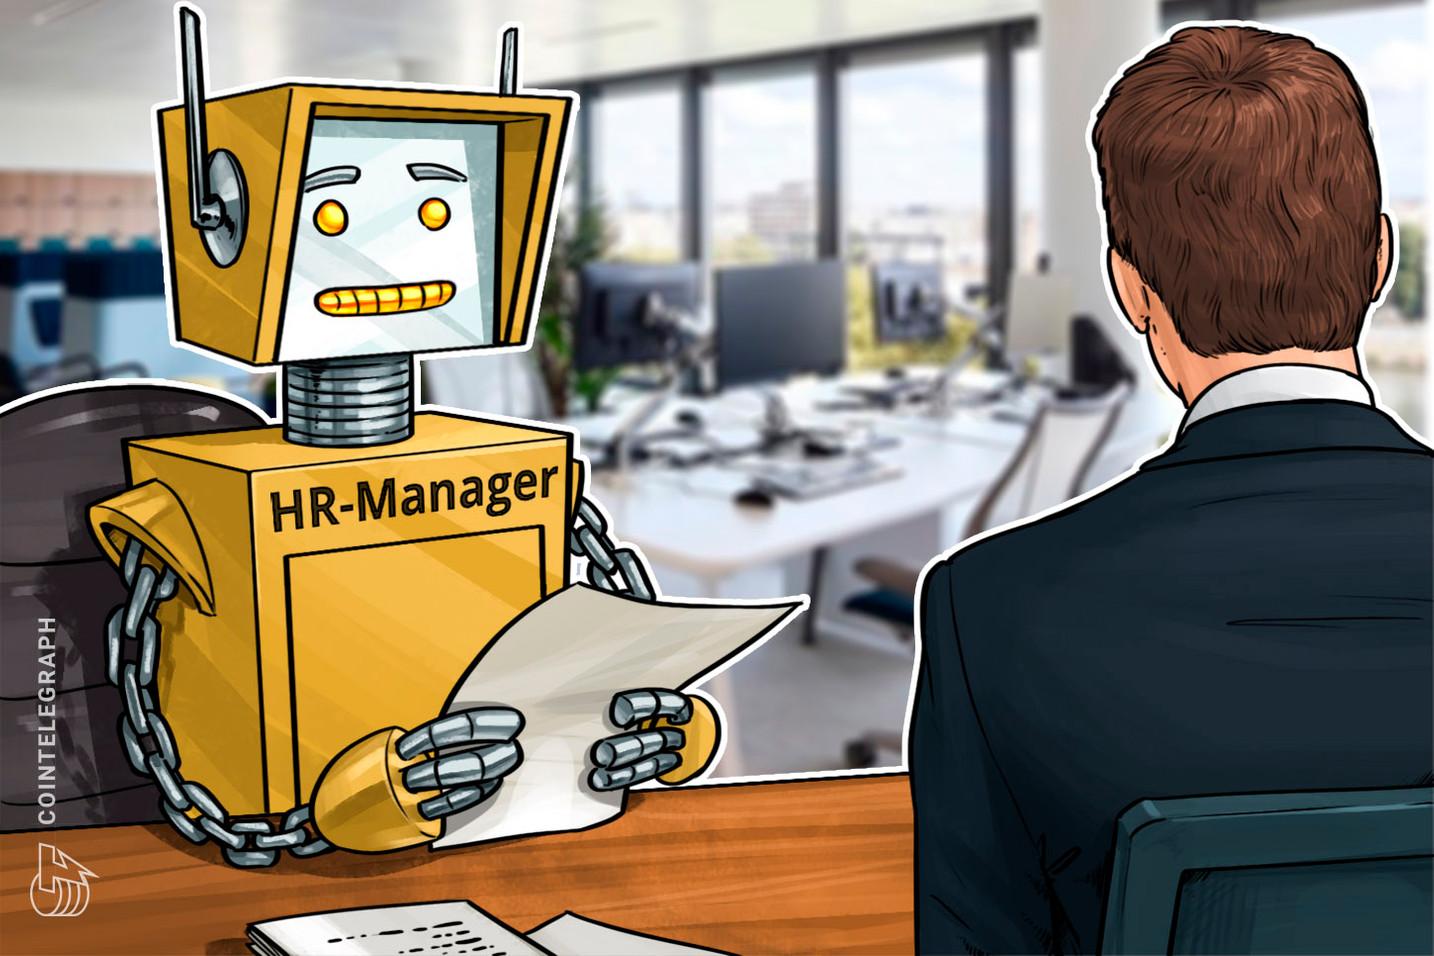 Industria laboral de blockchain tiene un repunte sostenido a pesar de criptomercados volátiles